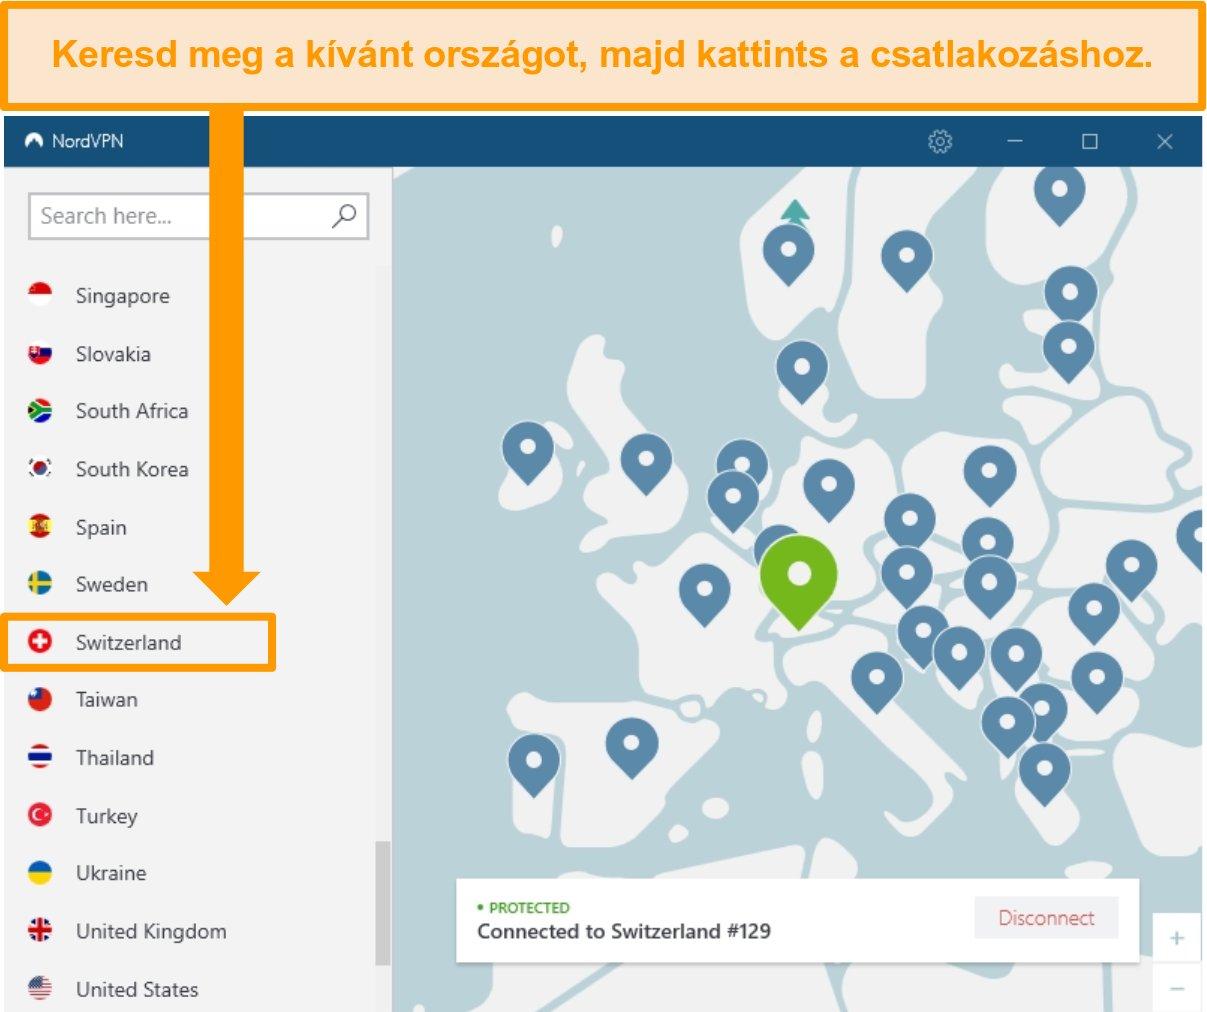 A svájci szerverhez csatlakoztatott NordVPN Windows alkalmazás képernyőképe